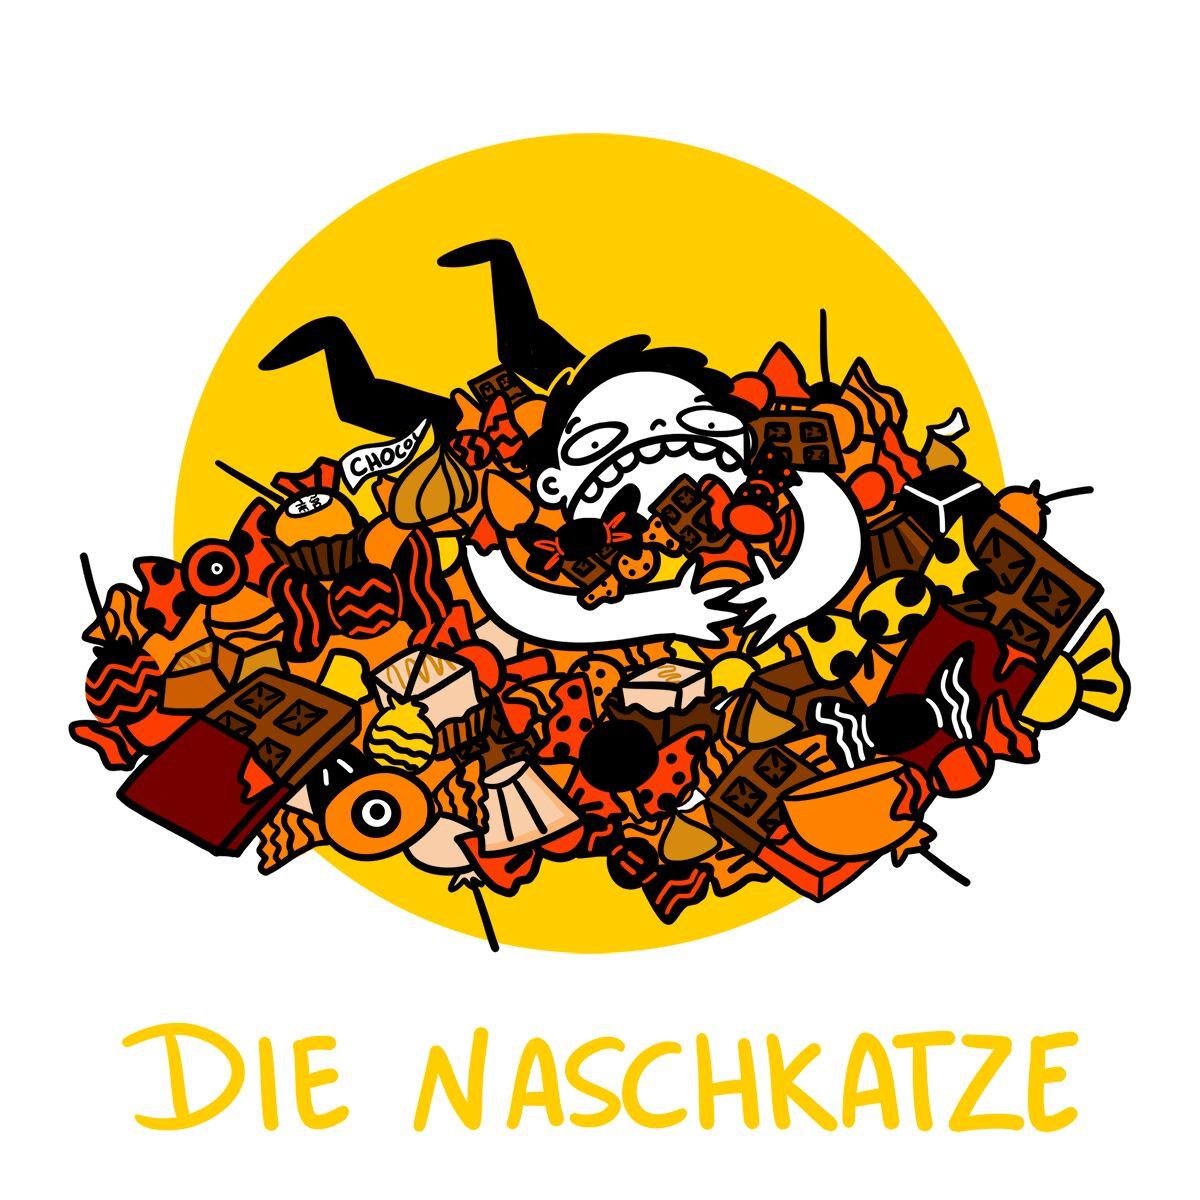 palavras em alemão